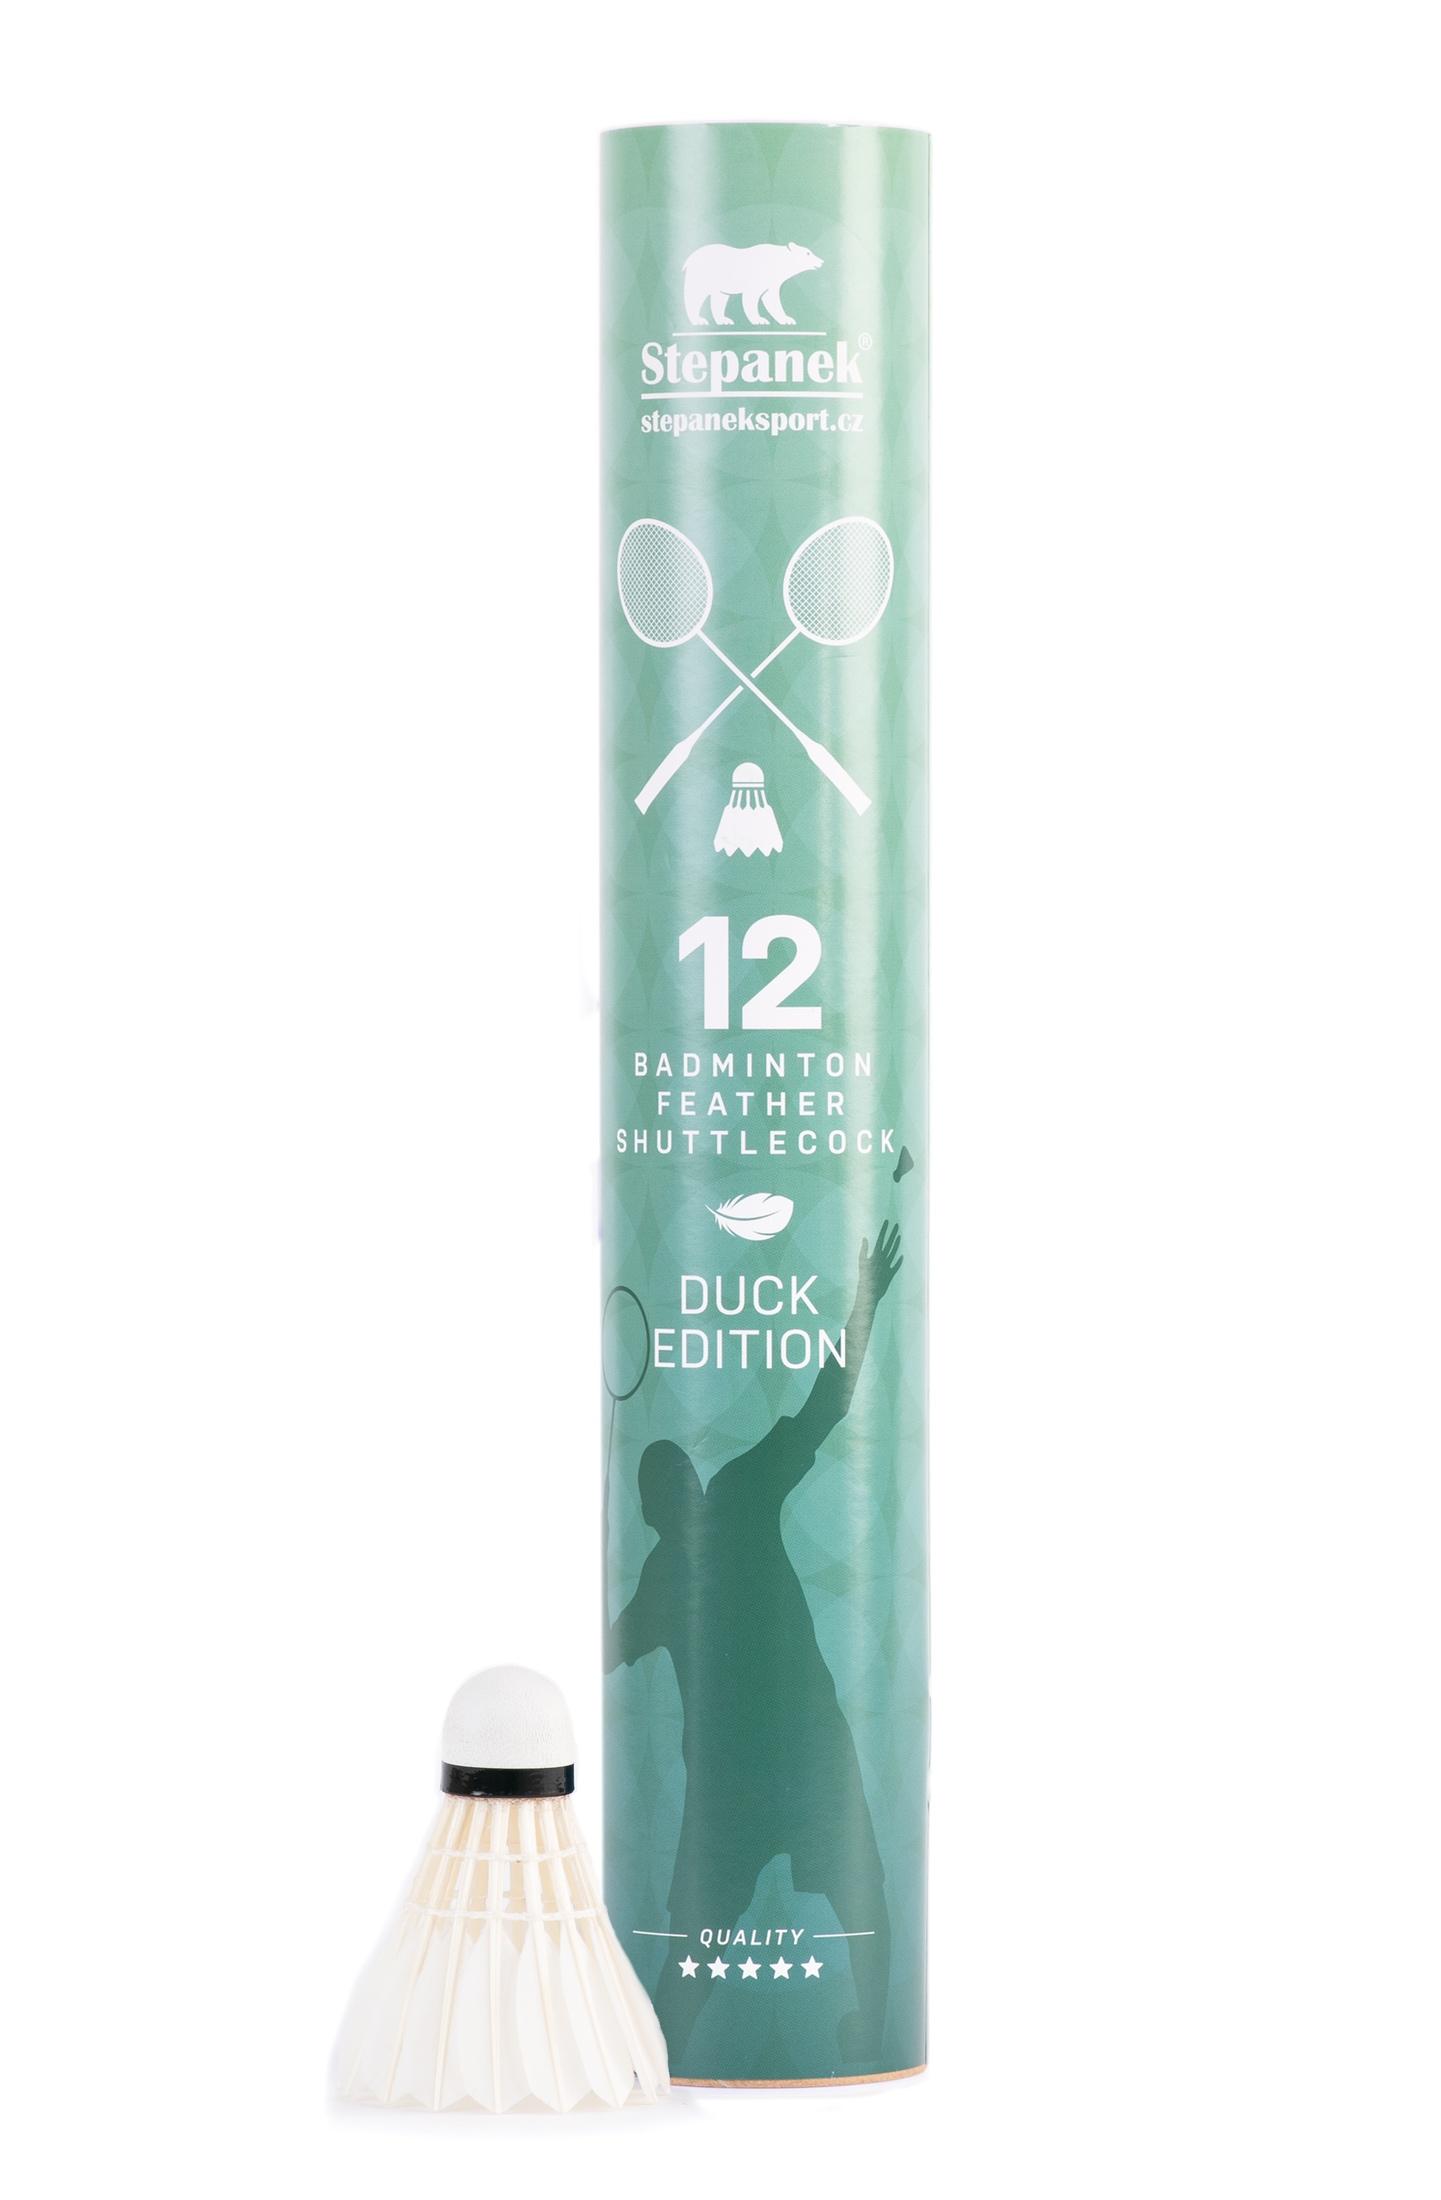 Badmintonové míčky Stepanek Duck Edition (12ks) Rychlost: 78 - Červená - Rychlé